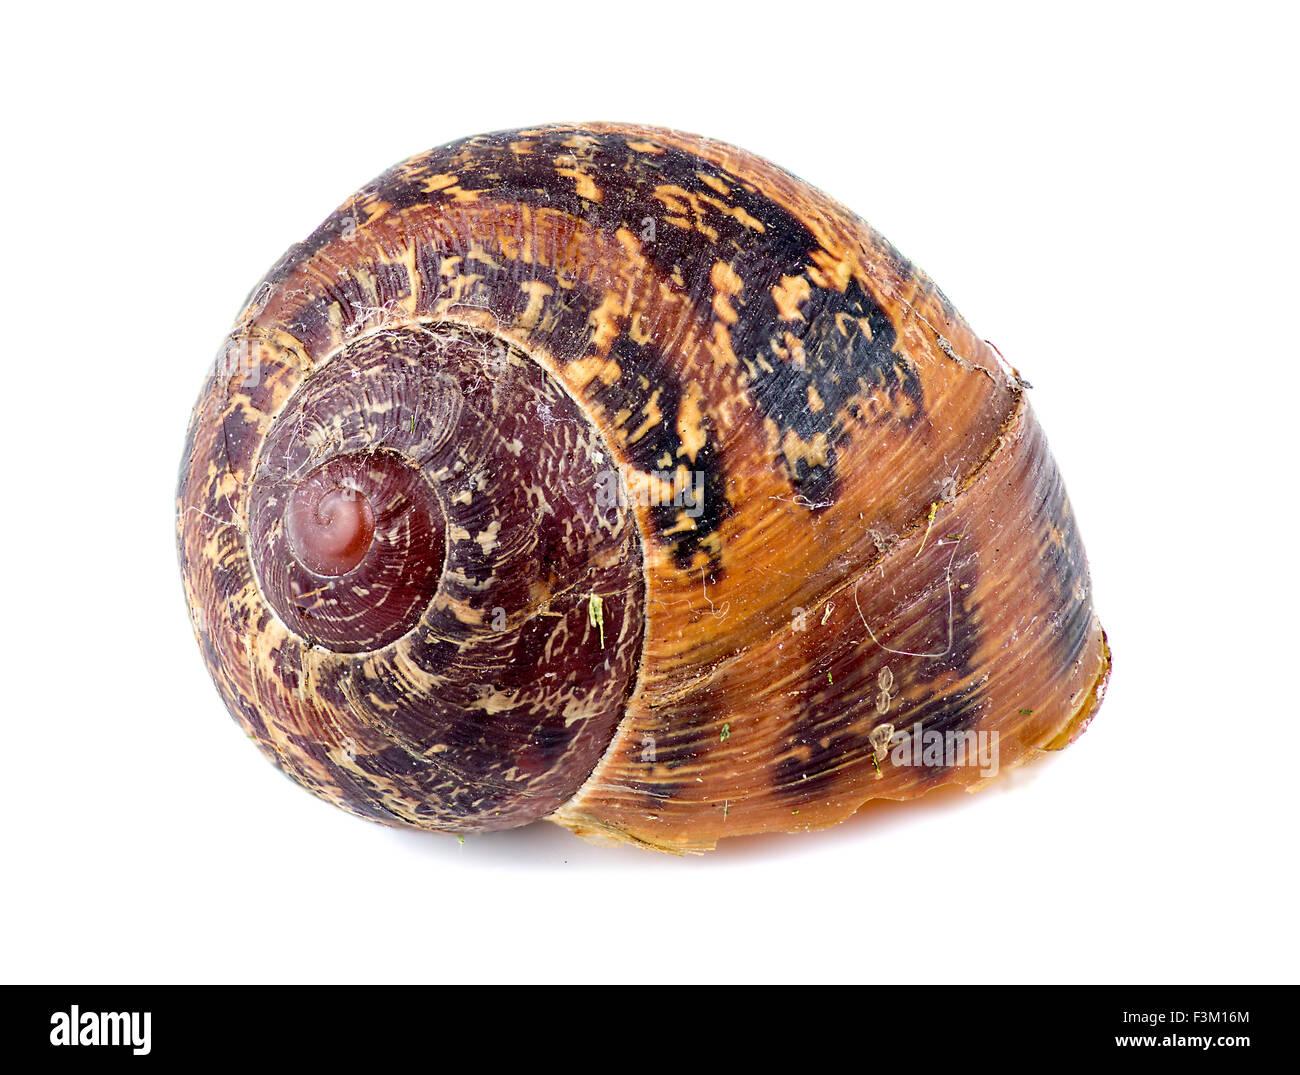 Macro of beautiful abandoned snail shell - Stock Image